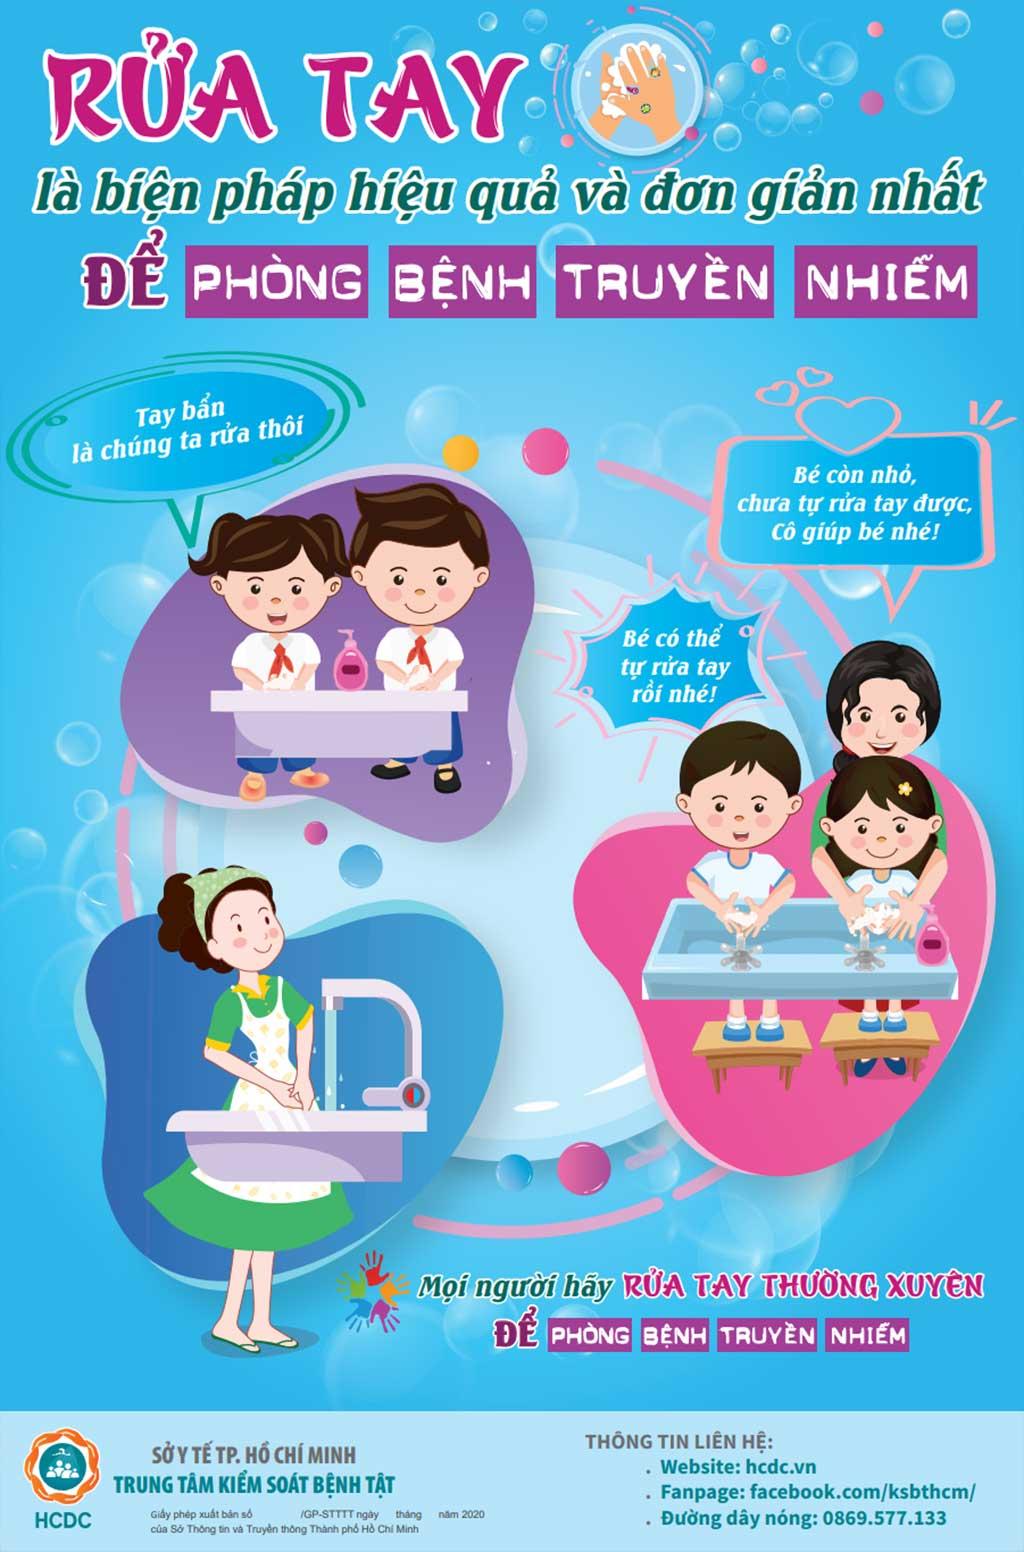 Rửa tay là biện pháp hiệu quả và đơn giản nhất để phòng bệnh truyền nhiễm